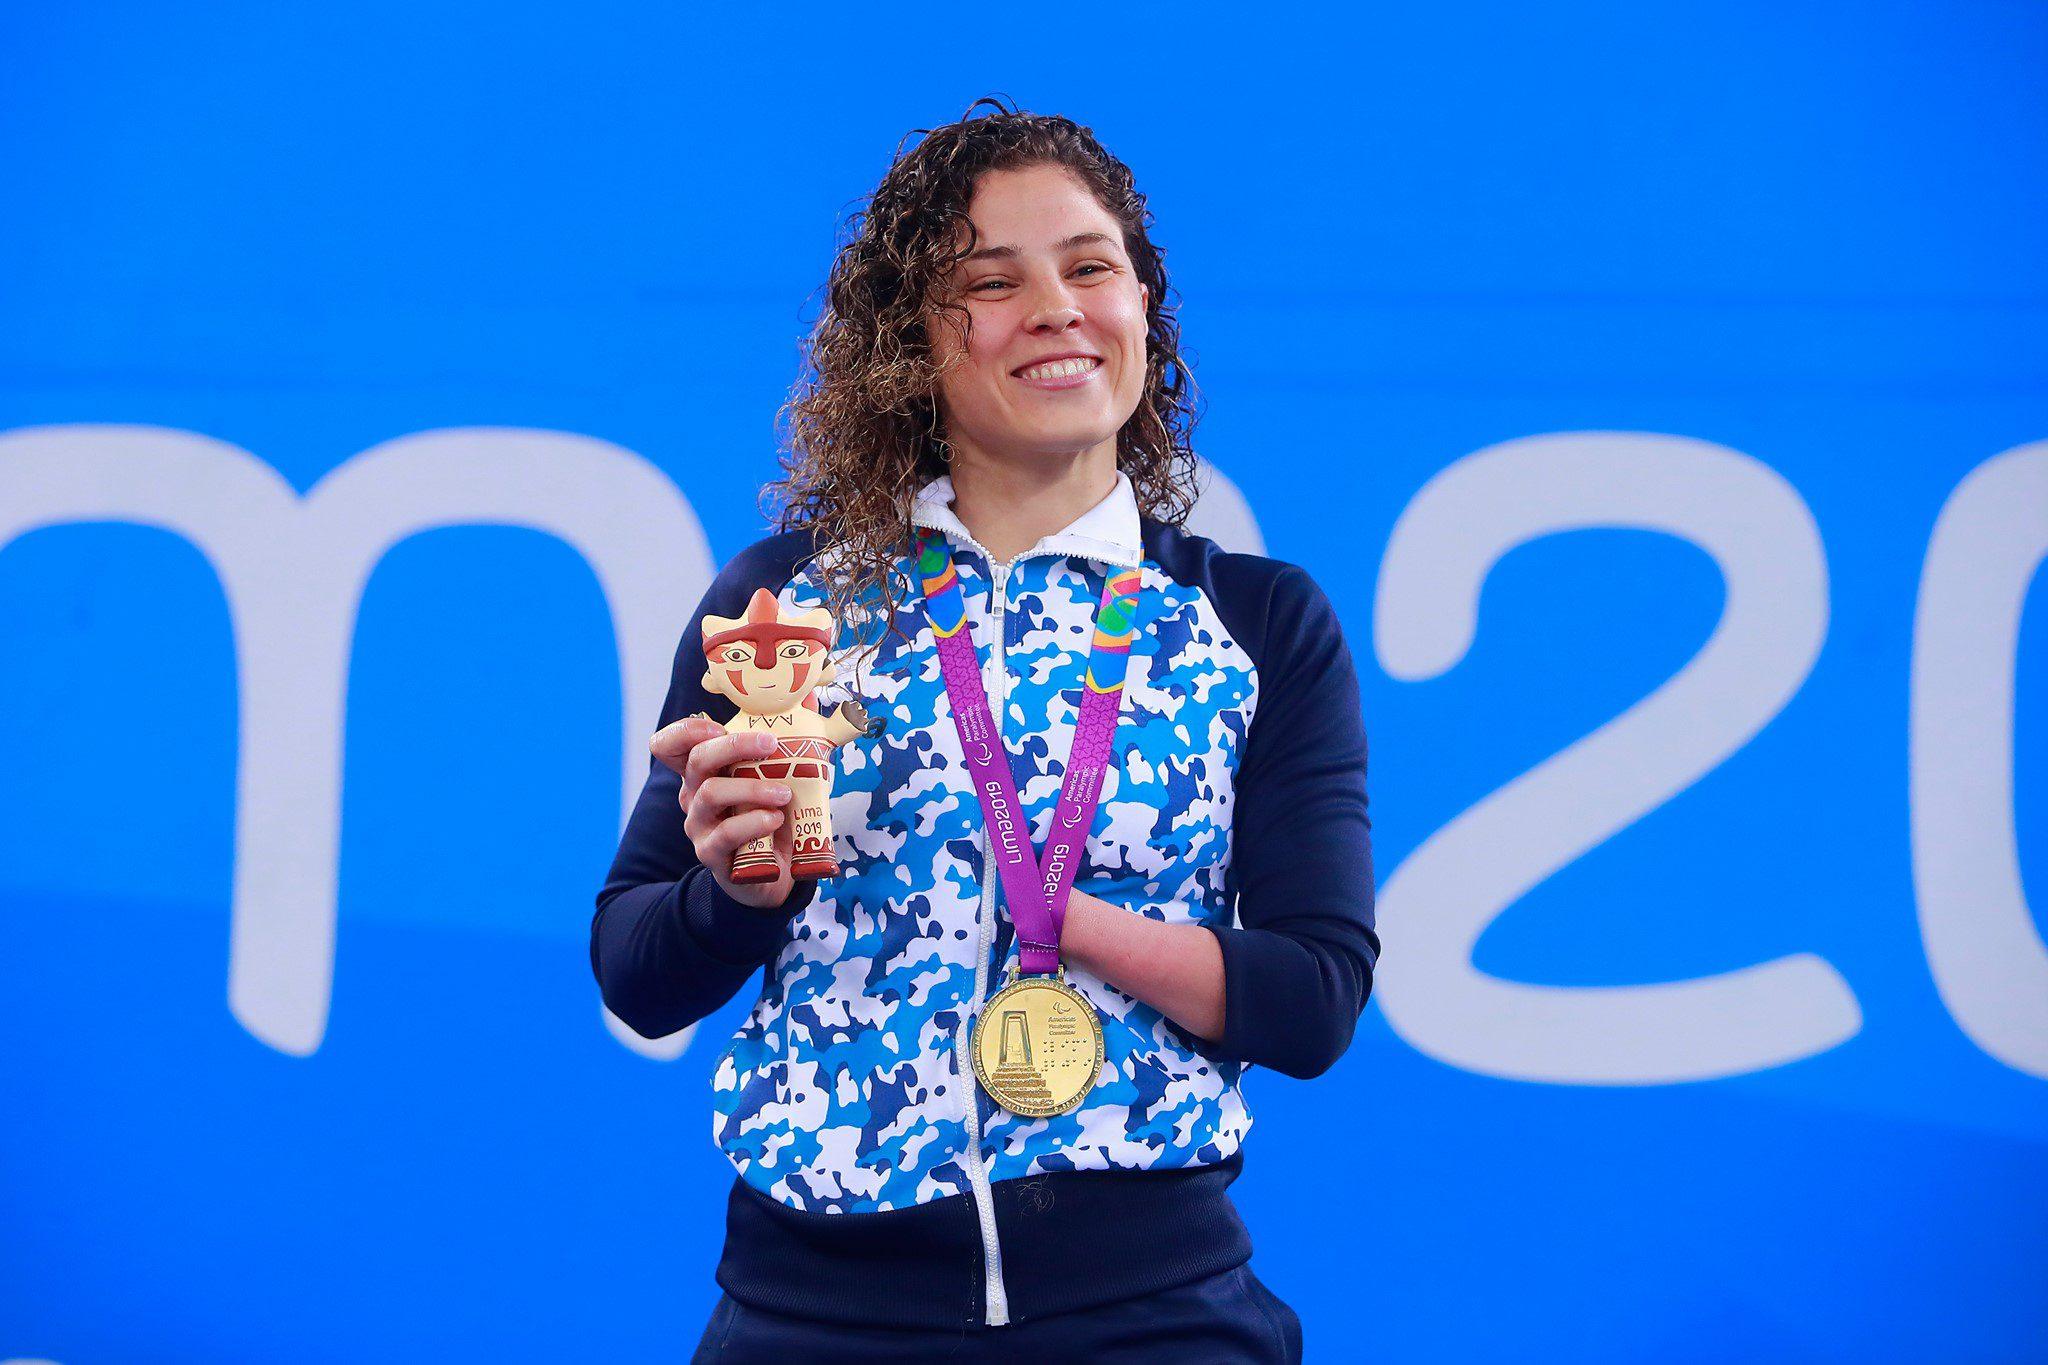 Natación paralímpica: se confirmaron las 9 plazas para Tokio